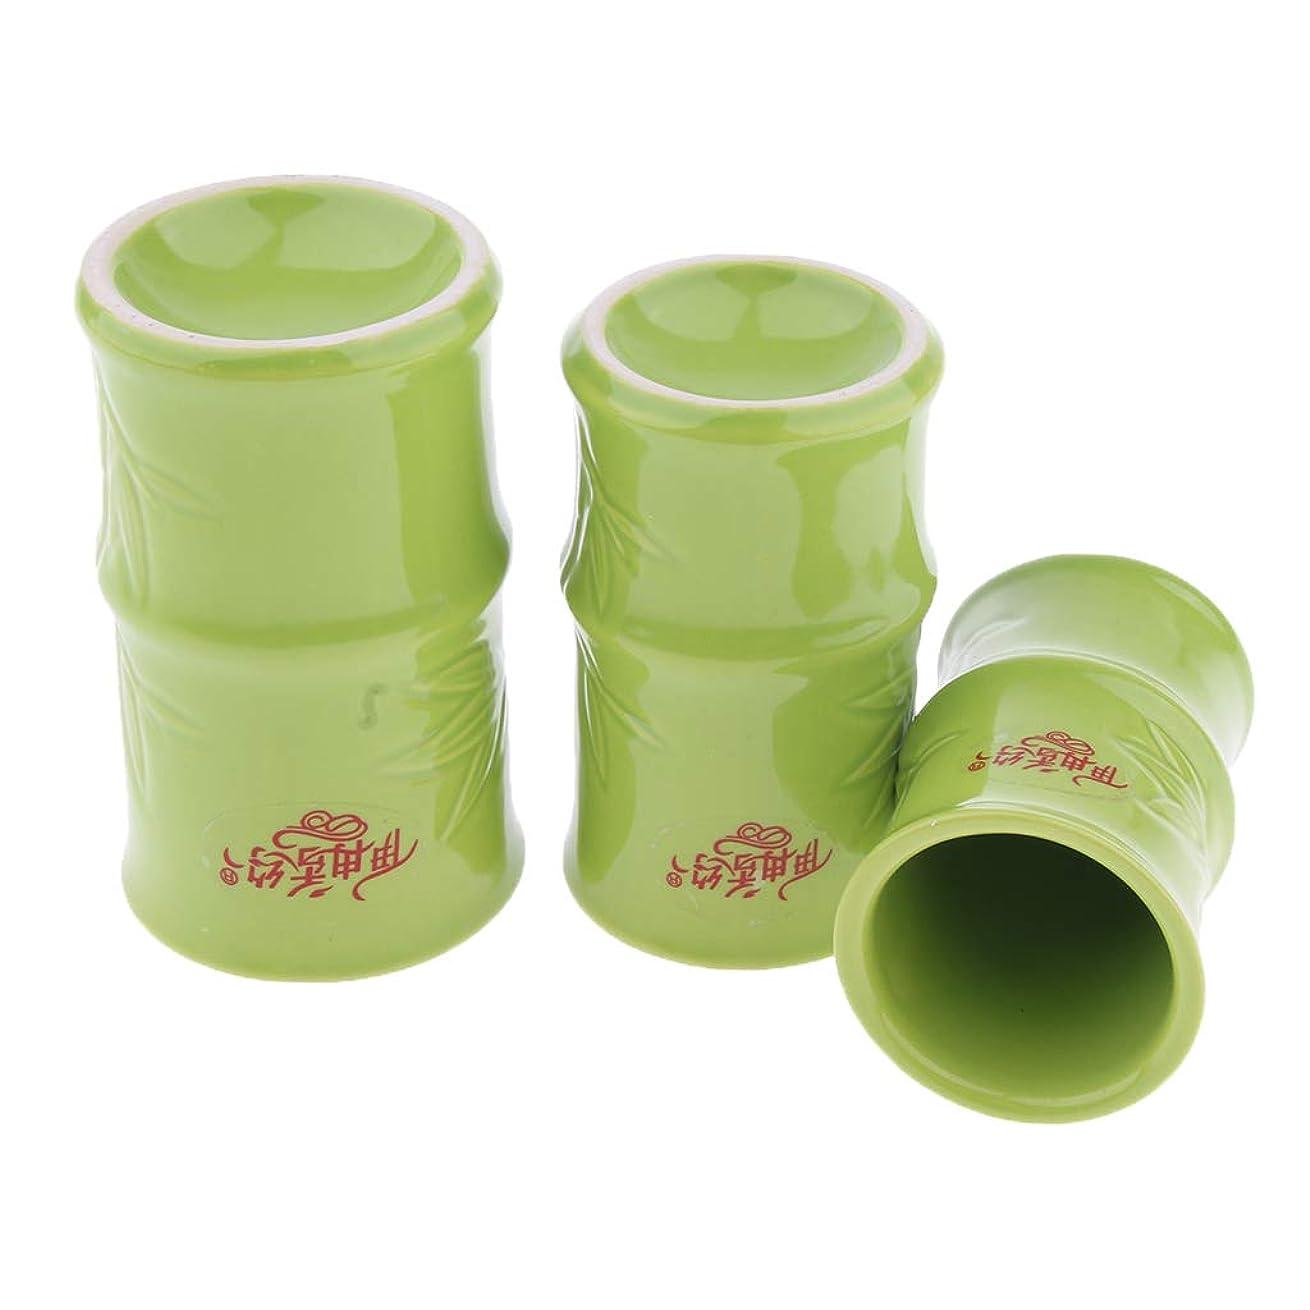 りんごインターネット質素なPerfeclan 中国 伝統的 健康法 吸玉 手軽 カッピングカップ 3個セット セラミック製 ボディ マッサージ